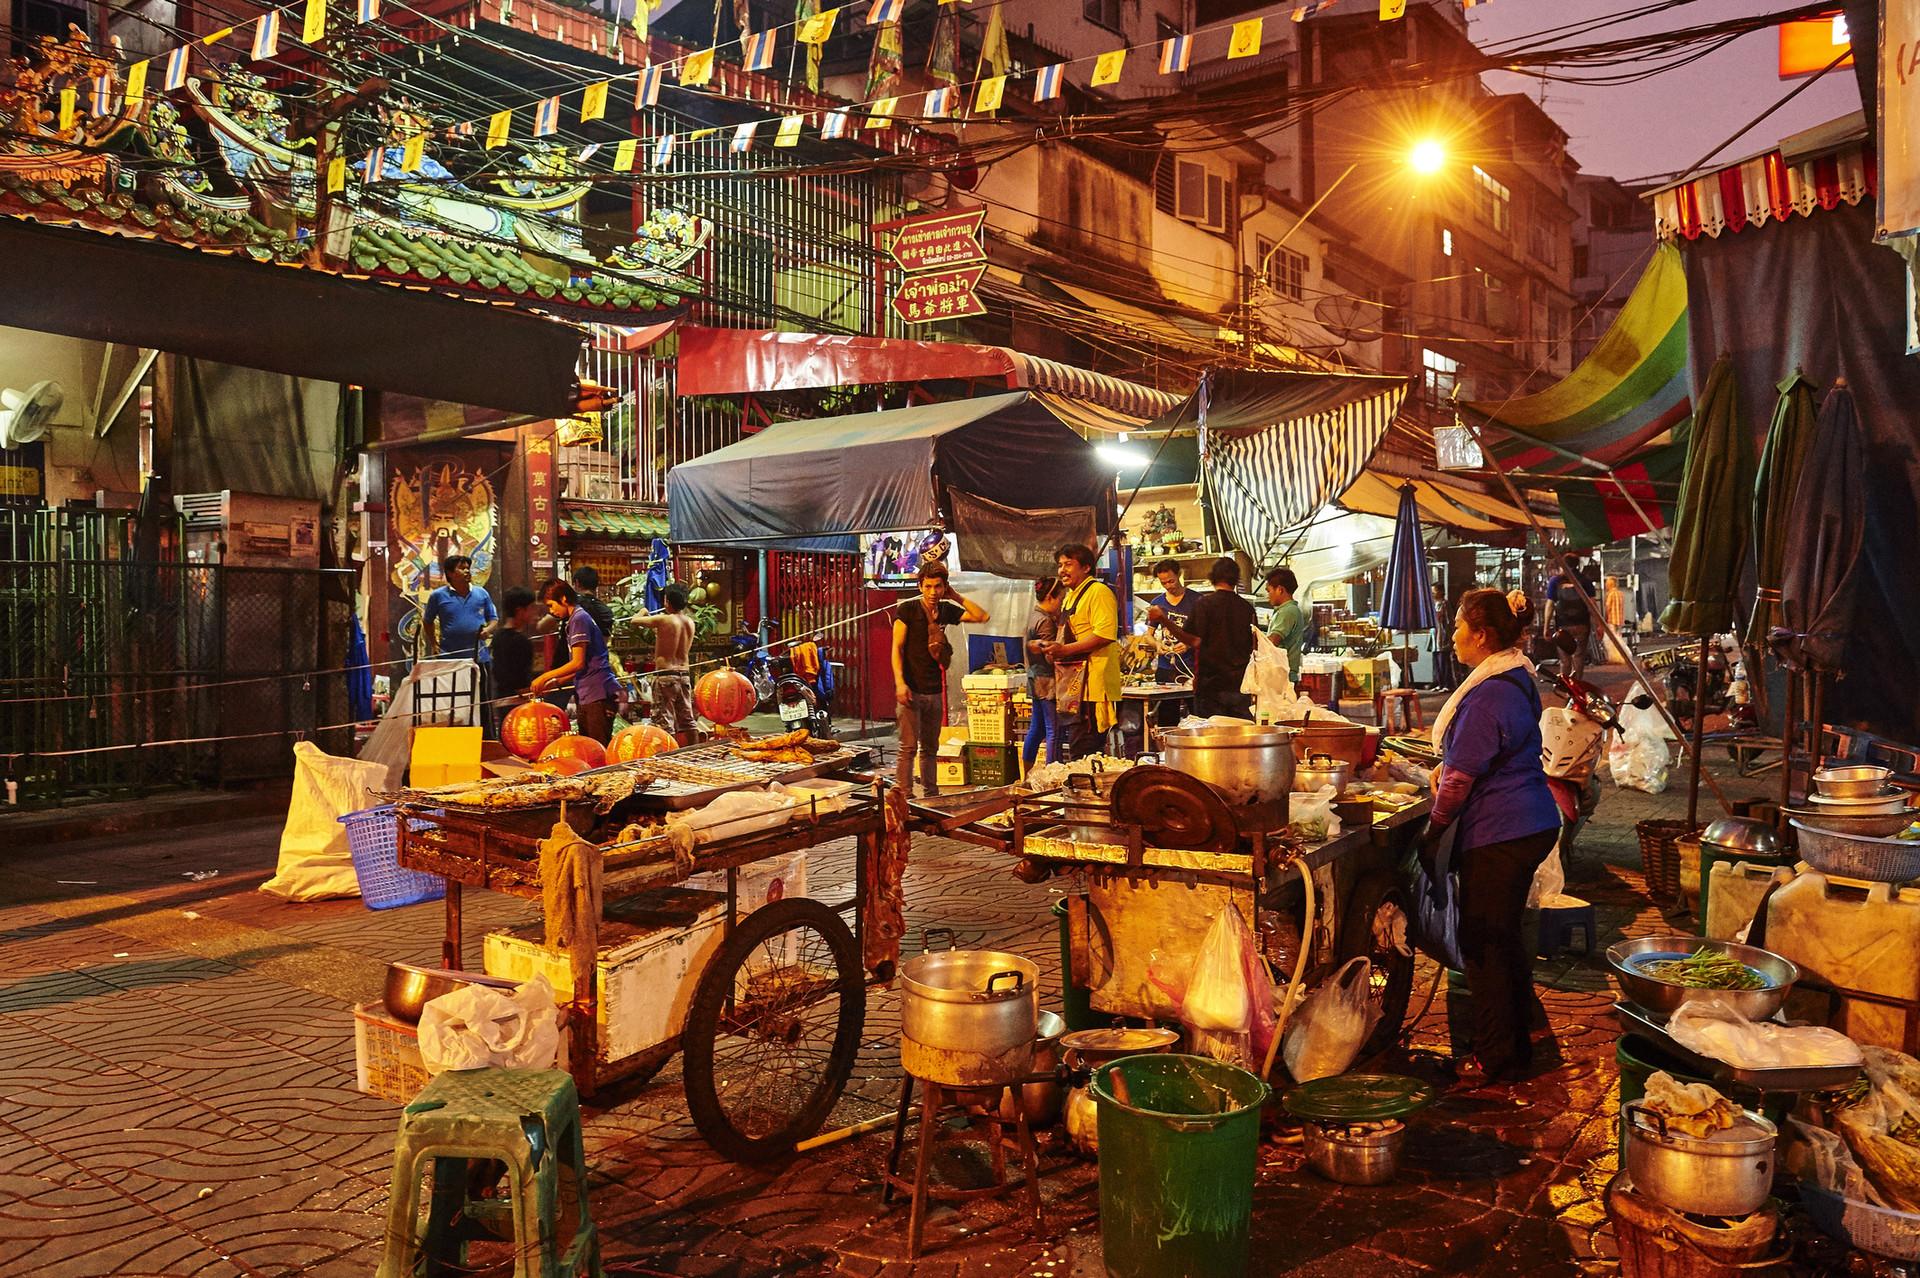 Doświadczenie w Bangkoku, Tajlandia według Kanoon